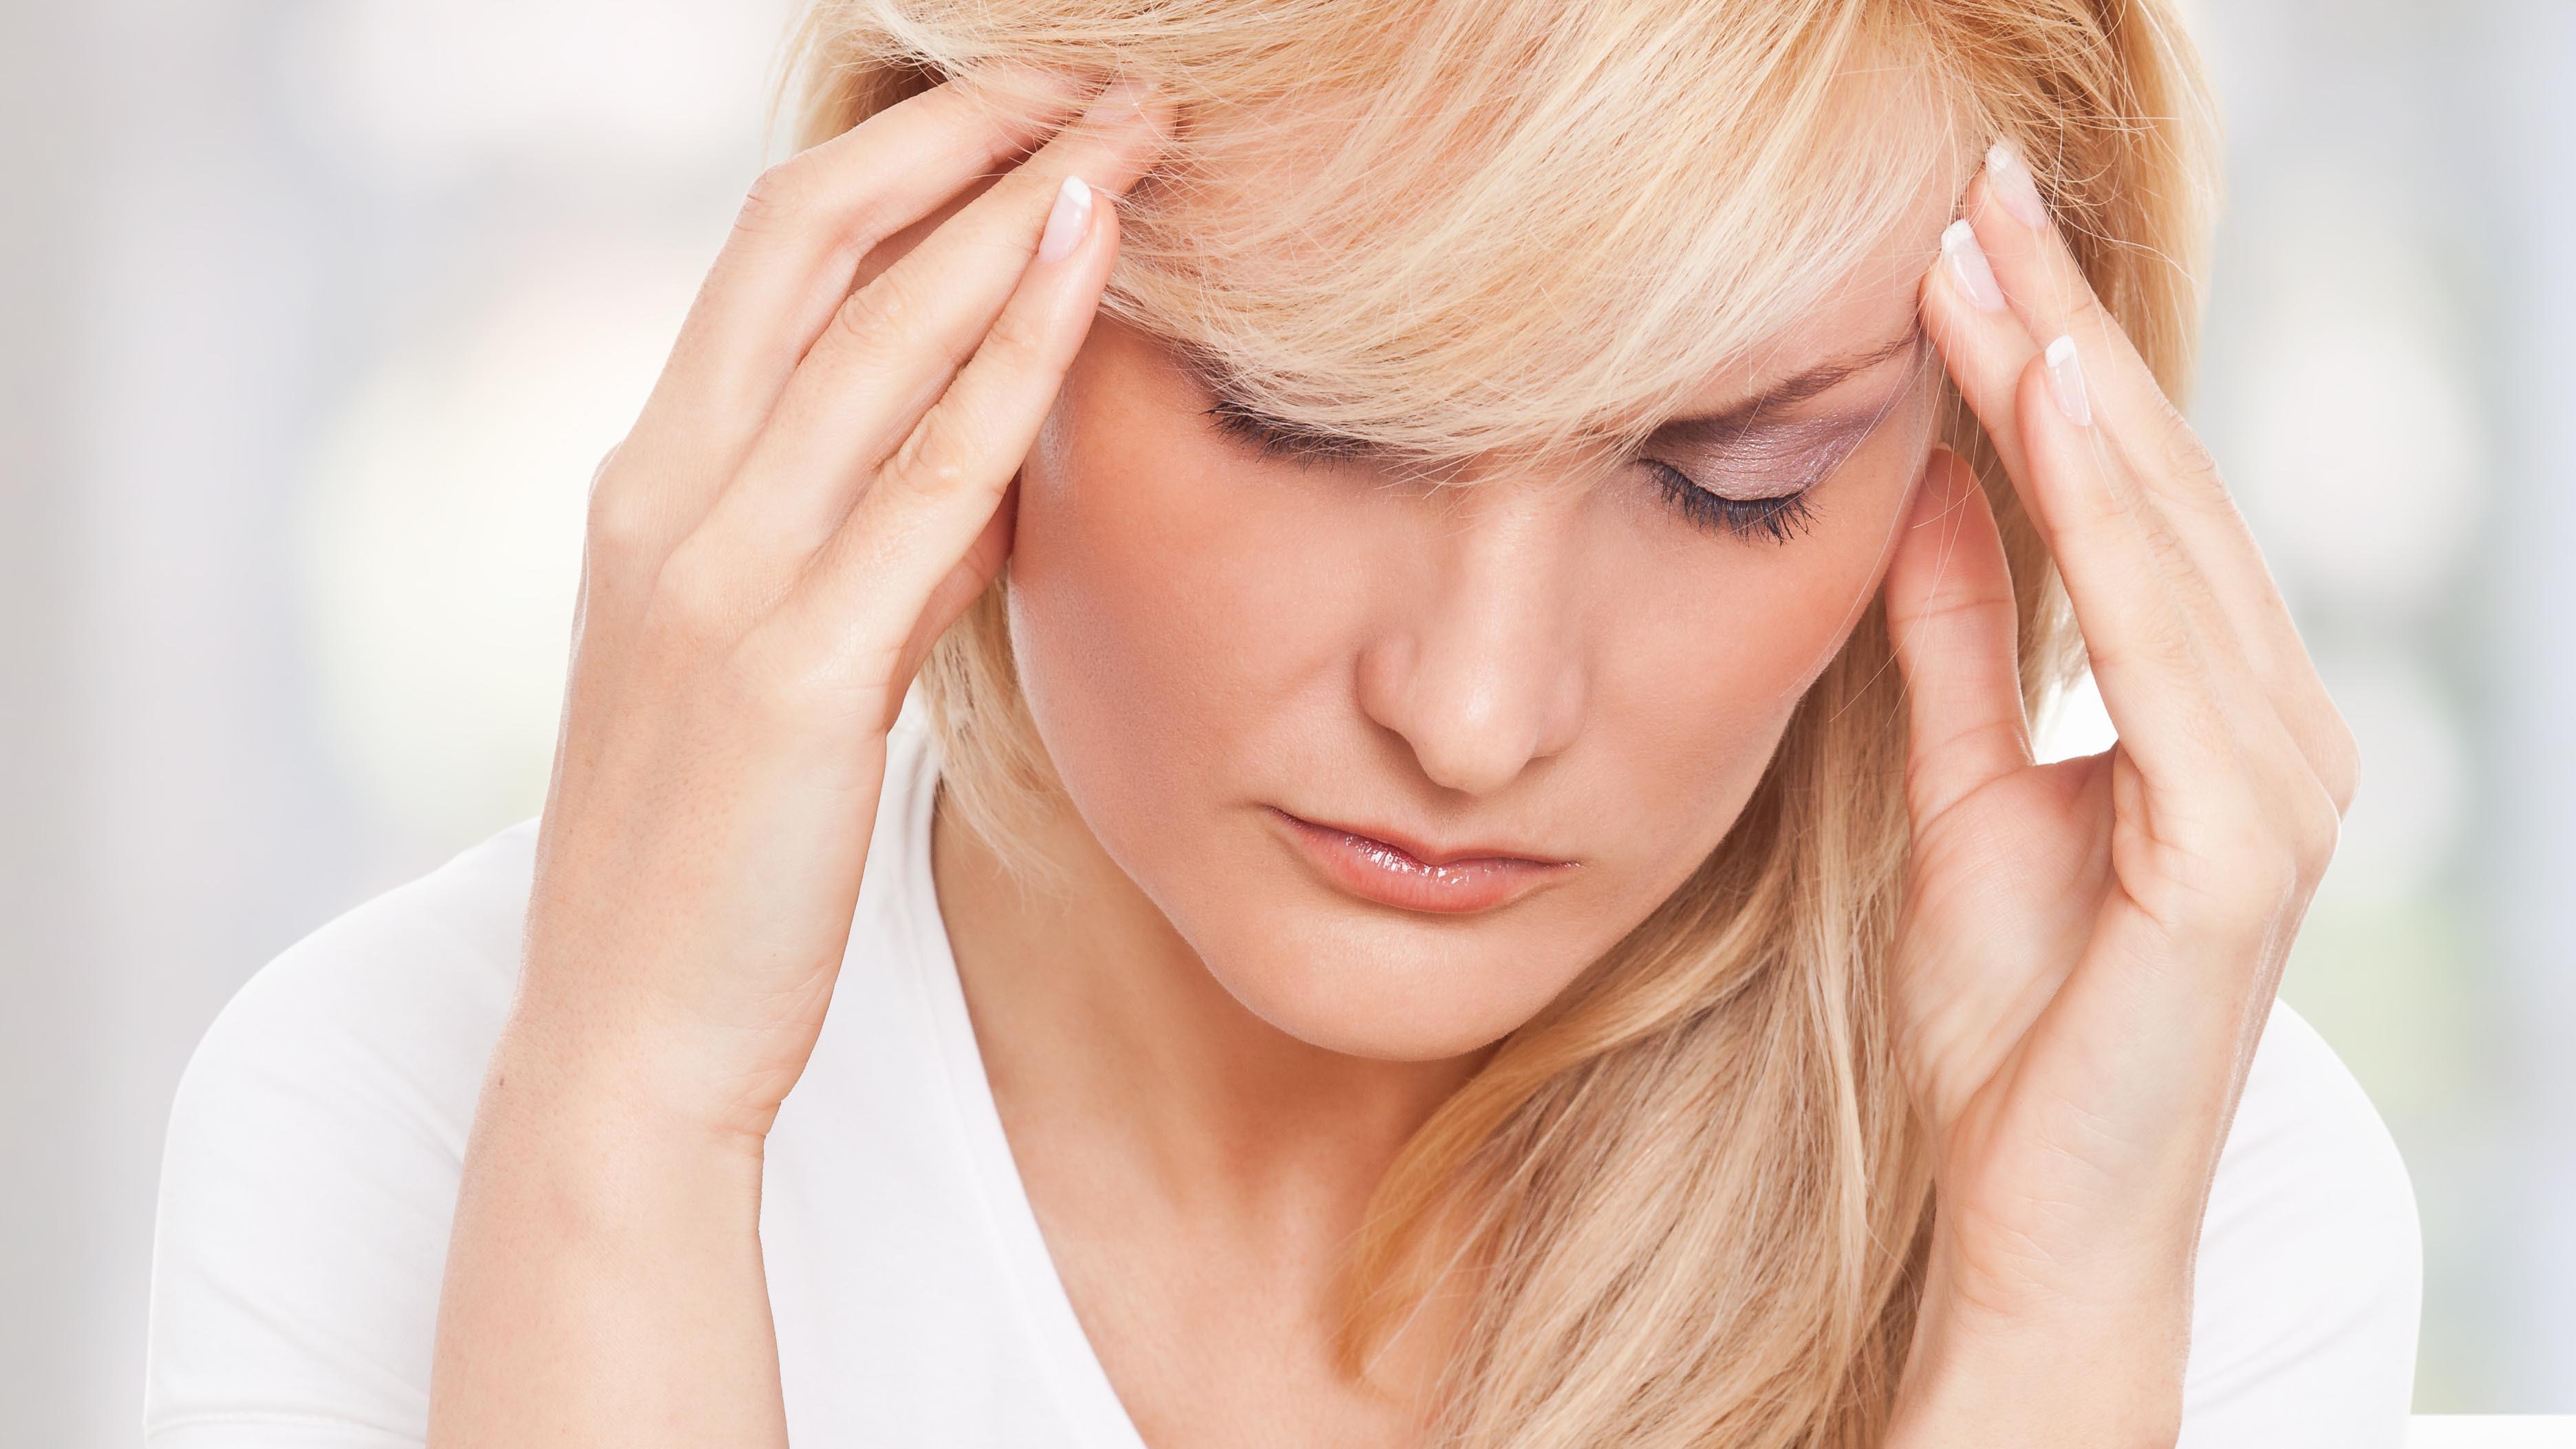 偏头痛的症状及治疗_偏头痛缓解小技巧2